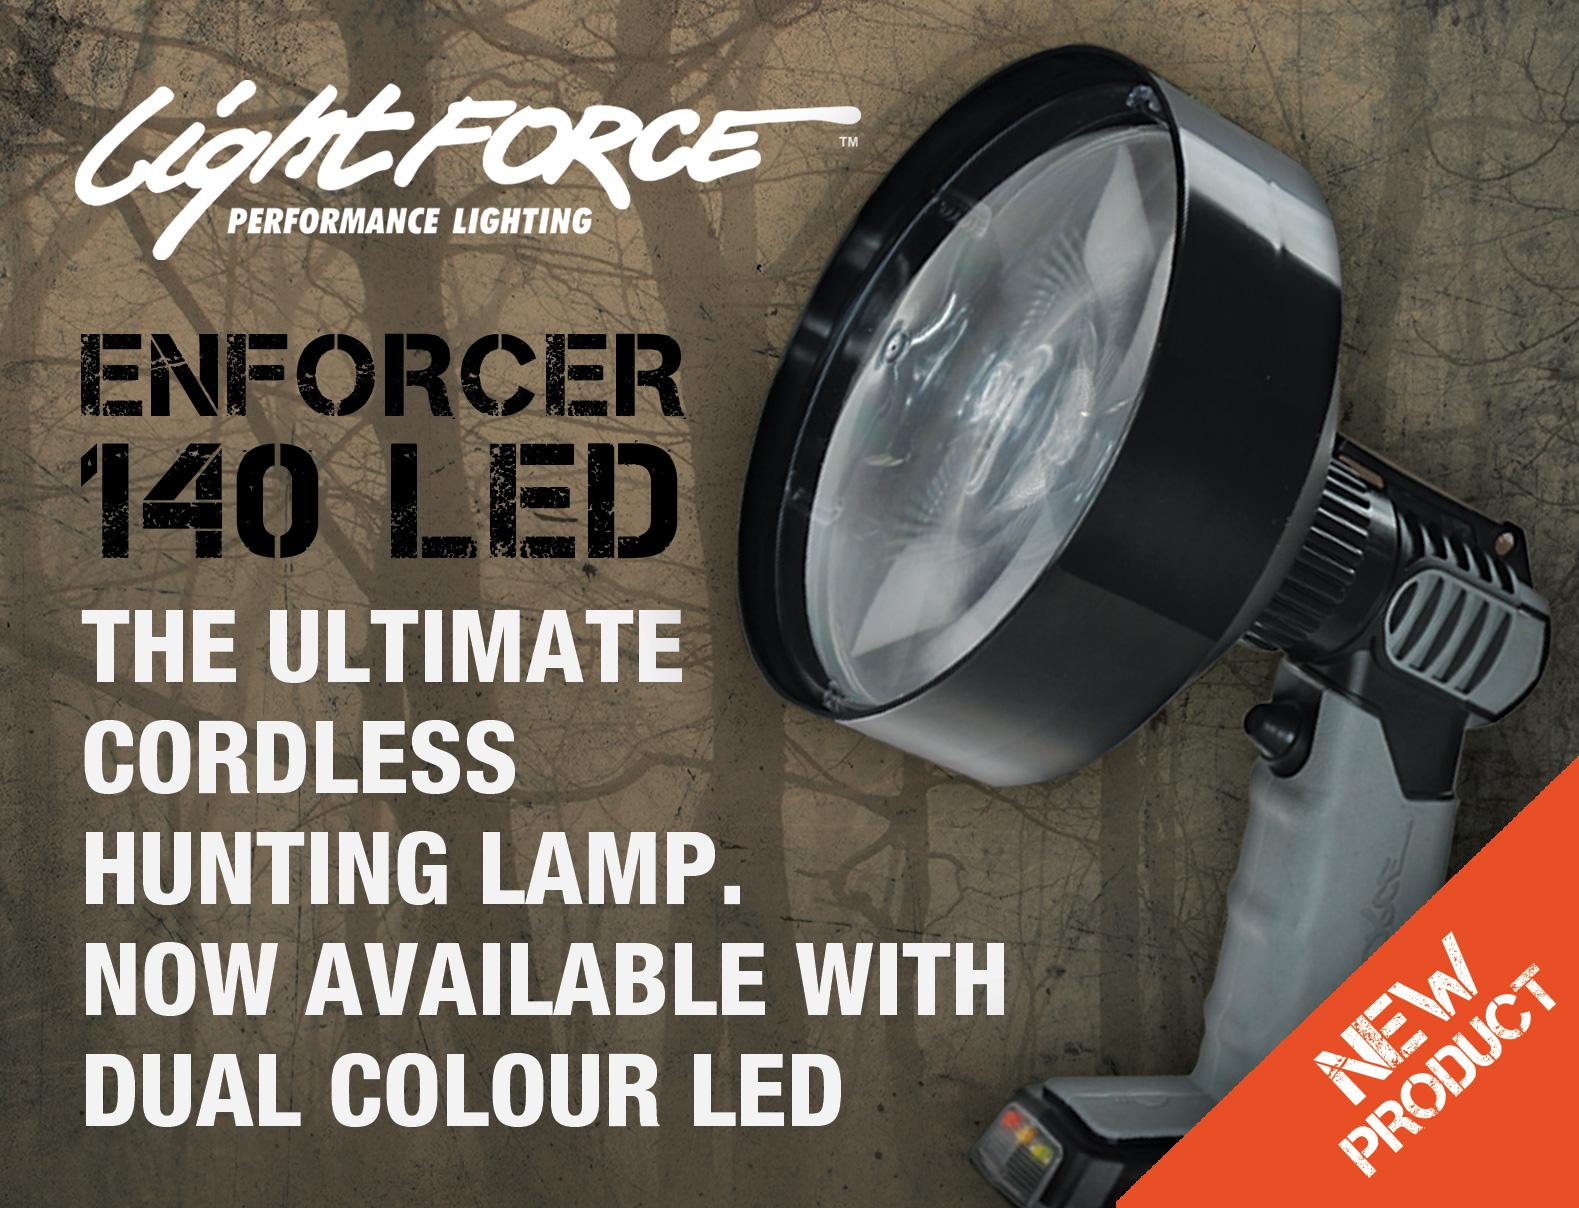 Lightforce Enforcer LED